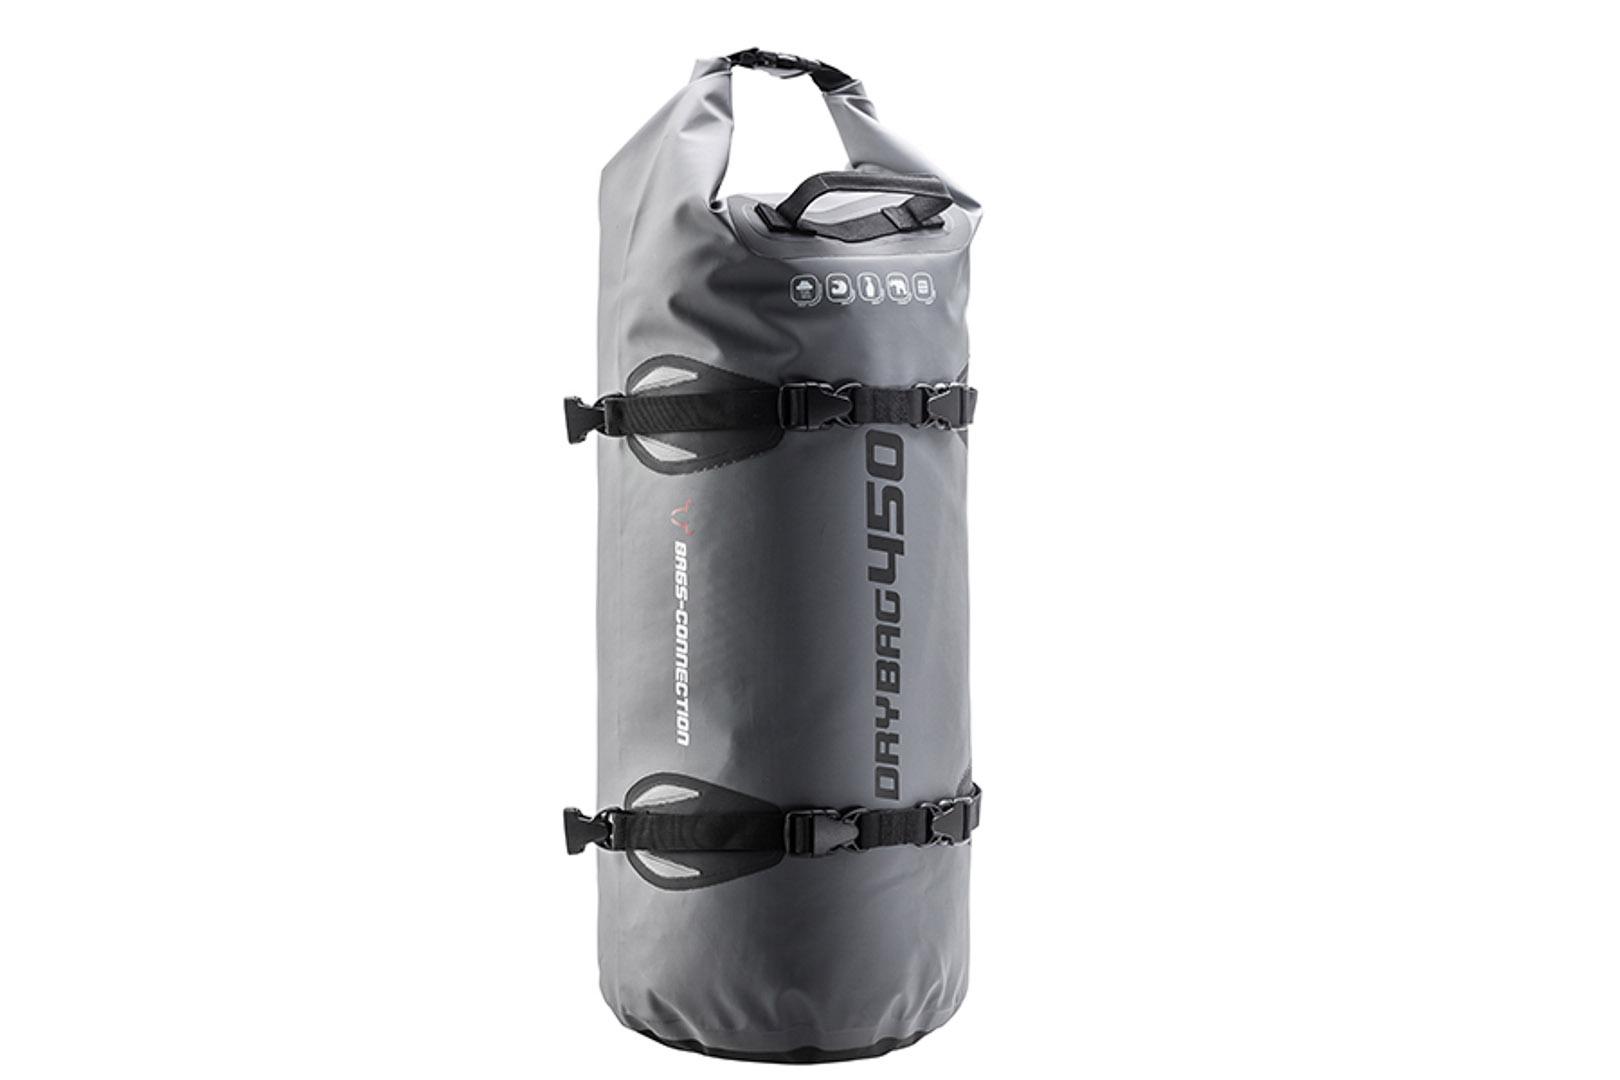 Bags-Connection Drybag 450, harmaa/musta